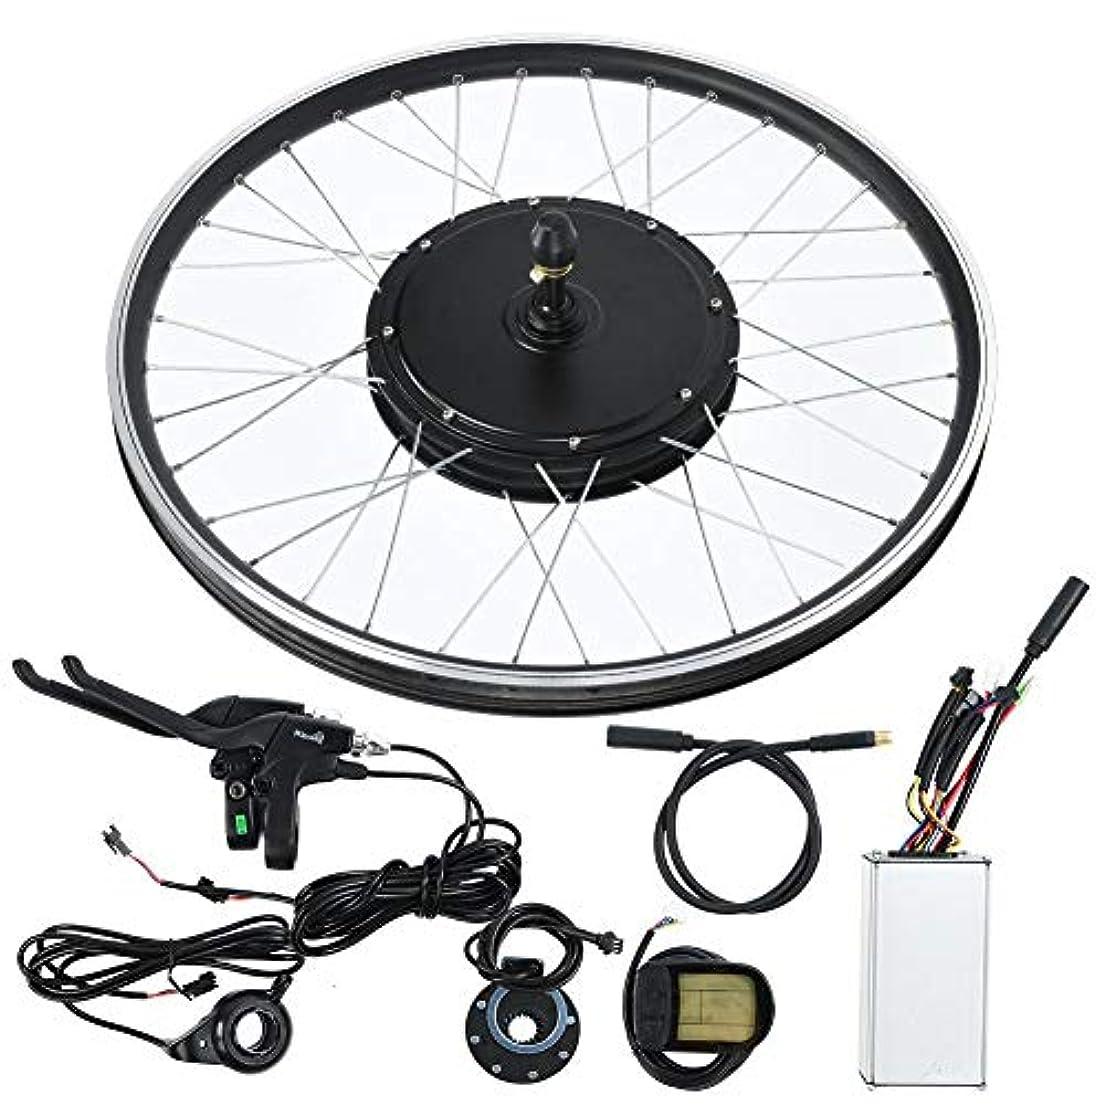 マニアック主権者前兆電動自転車キット、20インチホイール48V 1000W KT-LCD5ディスプレイ計器E-バイク変換キット強力なコントローラー付きハイパワーモーターコントロールキット、マウンテンバイク用防水ワイヤー